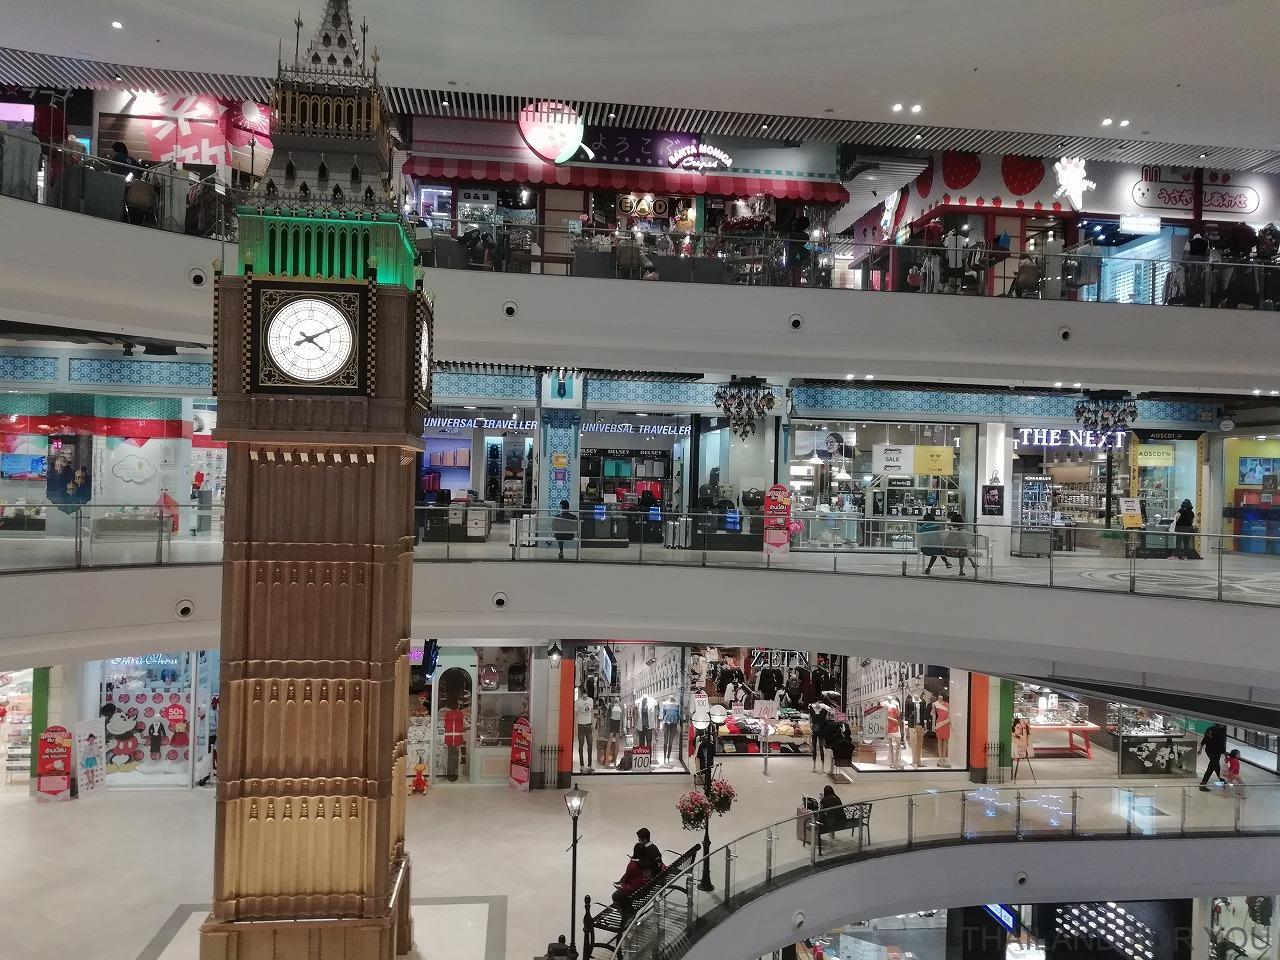 ターミナル21 コラート ロンドン 写真 画像